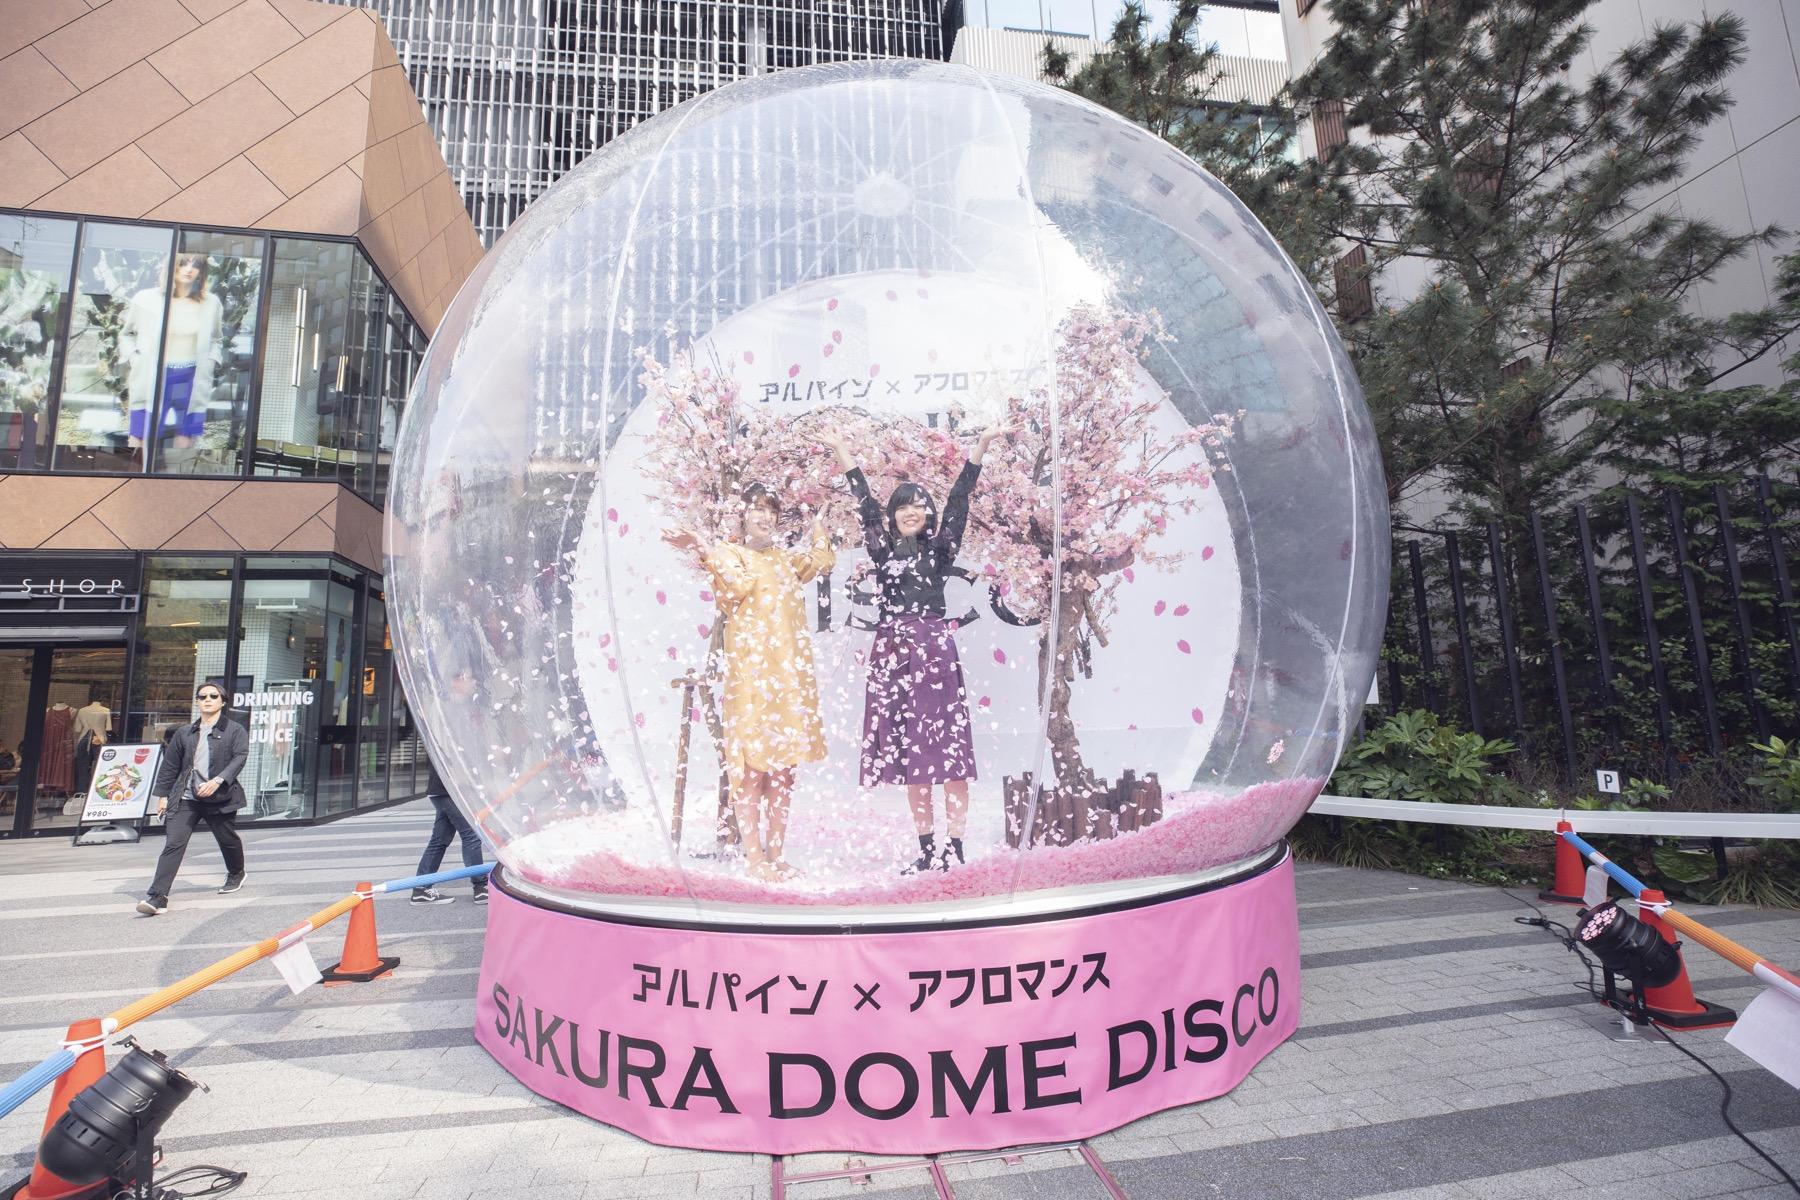 190421_SAKURA DOME DISCO_top20 - 13 / 20